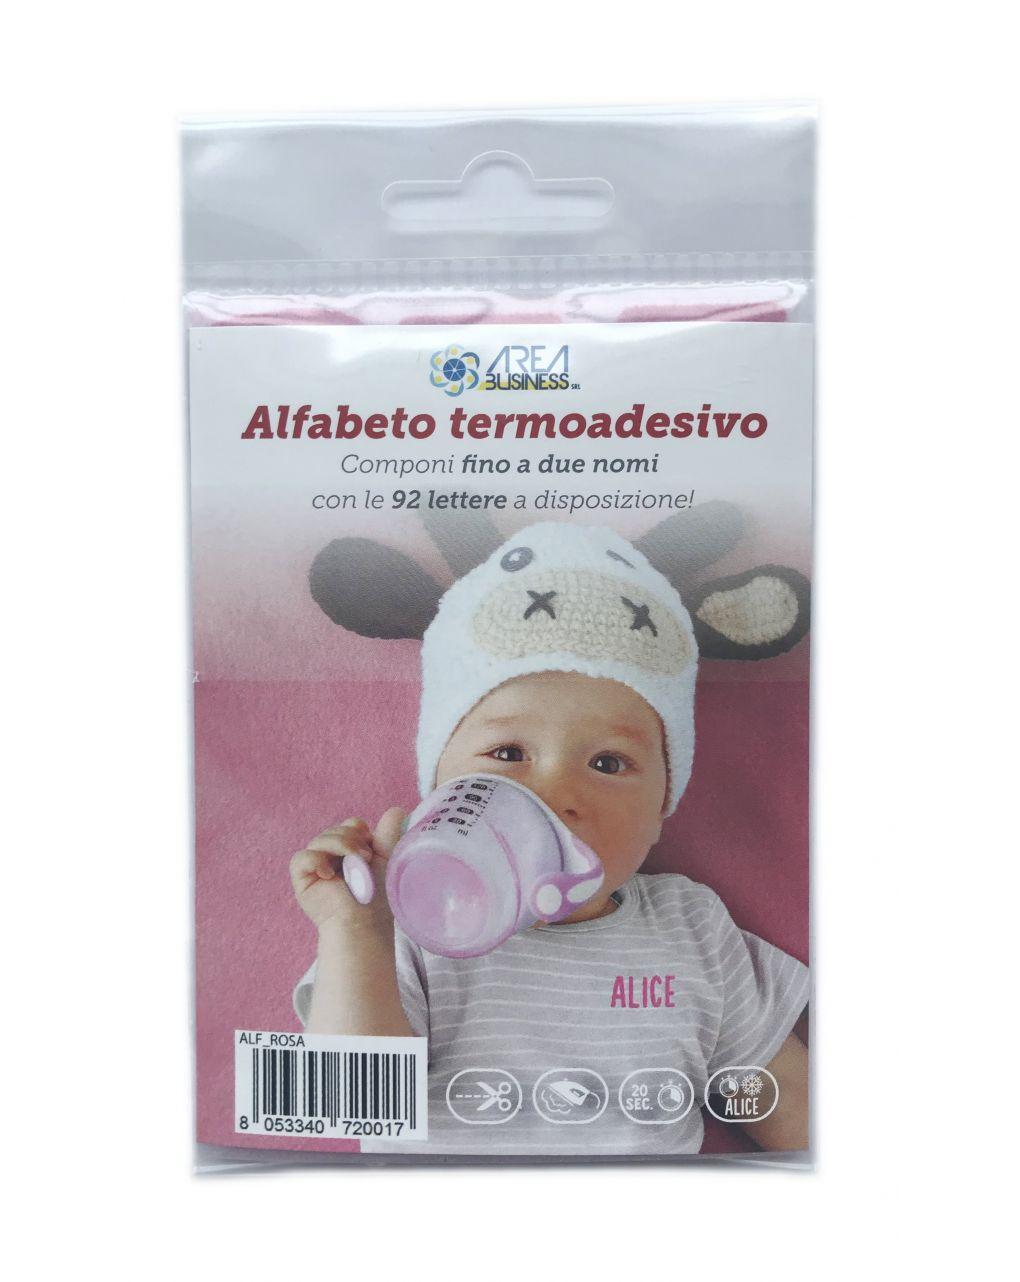 Alfabeto termoadesivo marcabiancheria rosa - AREA BUSINESS